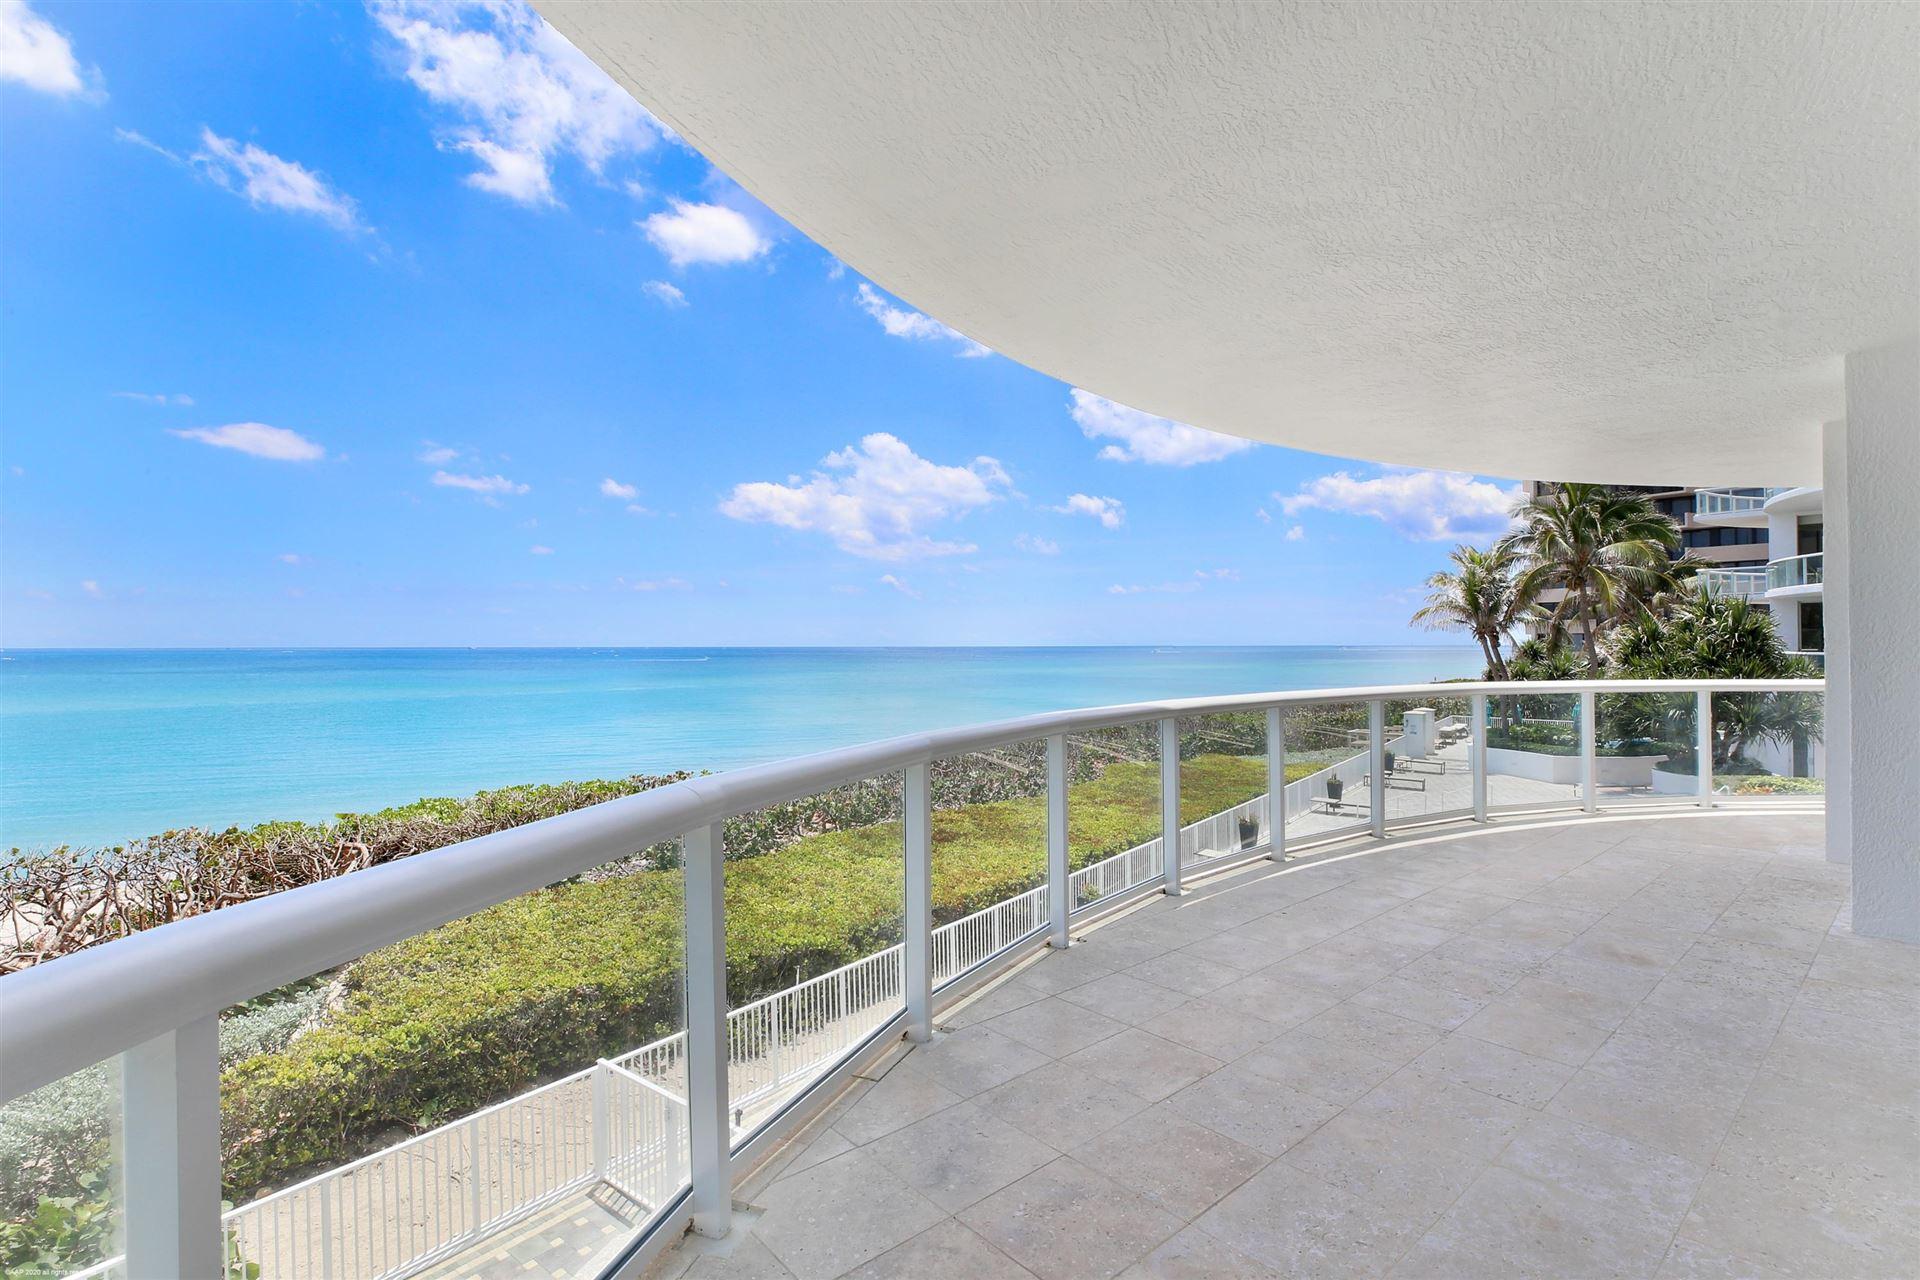 Photo of 4600 N Ocean Drive #301, Singer Island, FL 33404 (MLS # RX-10590551)